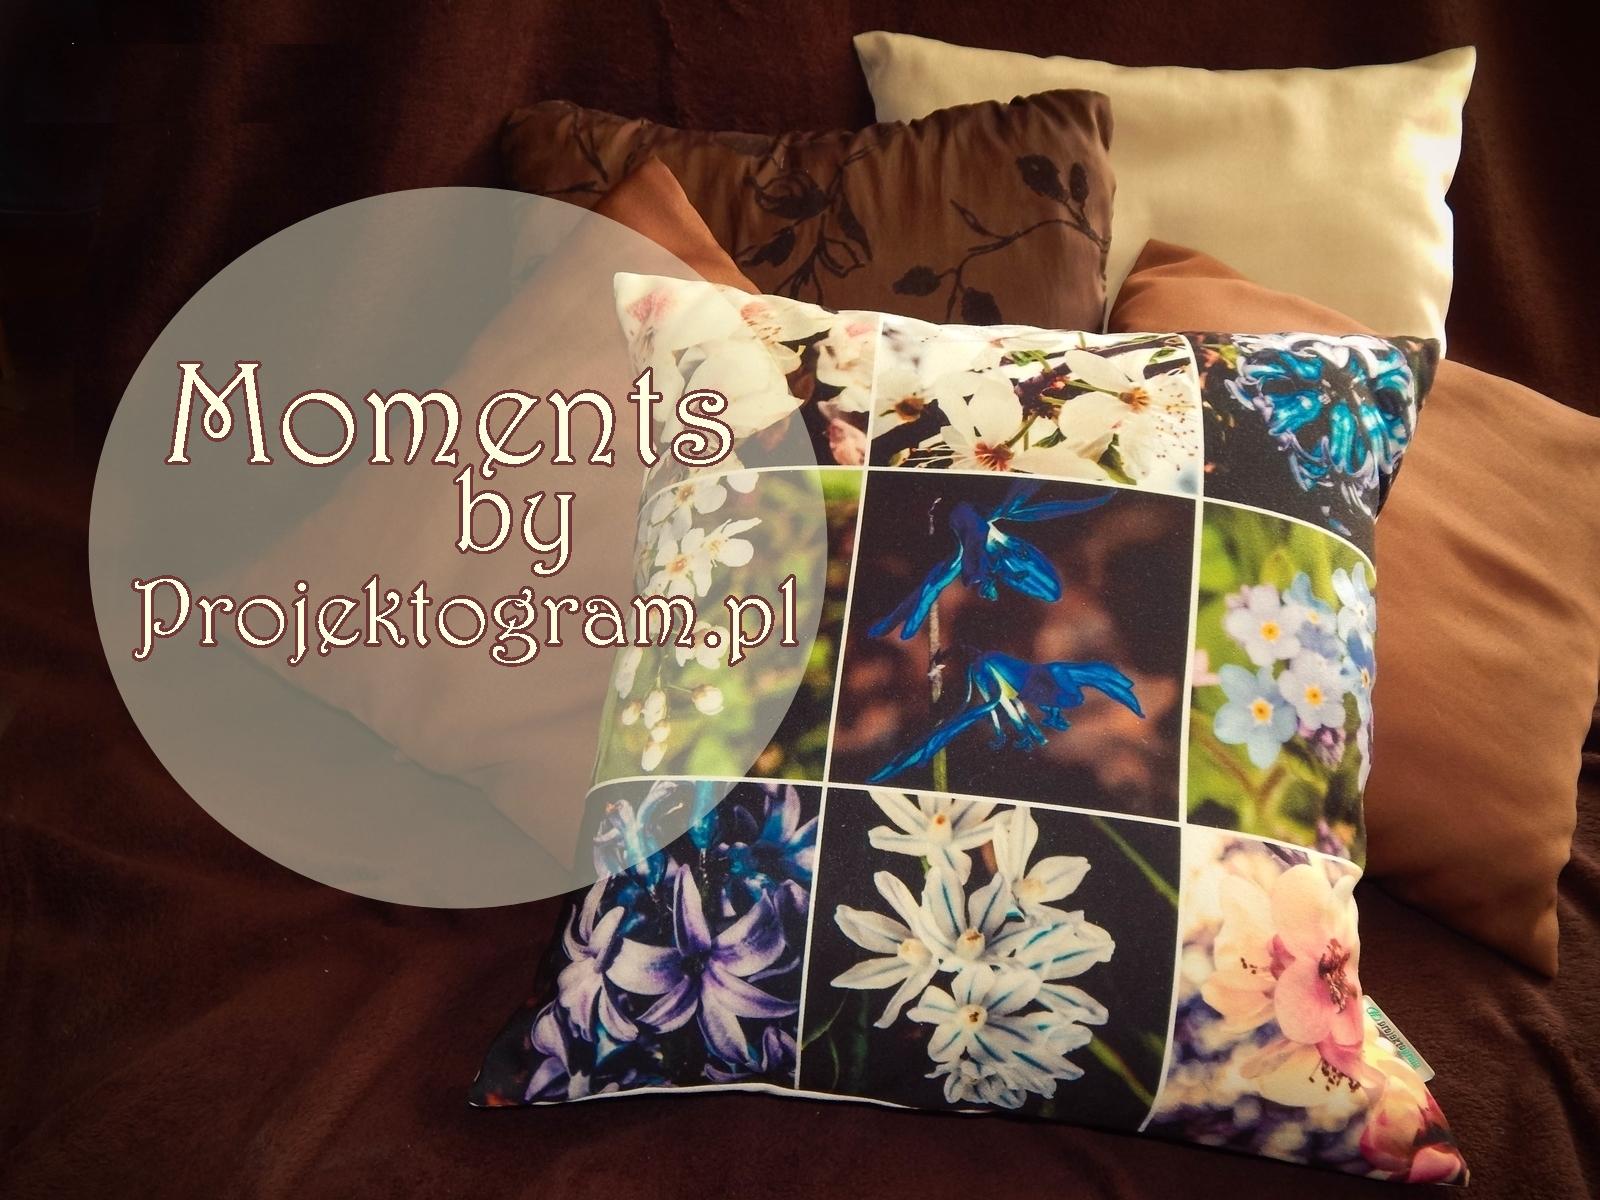 naglowek projektogram poduszka z własnym zdjęciem zaprojektuj swoją poduszkę zdjęcia instagram fotografia prezenty dla fotografów zakochani w zdjeciach wspomnienia z wakacji na poduszcze pillow photos aplikacja